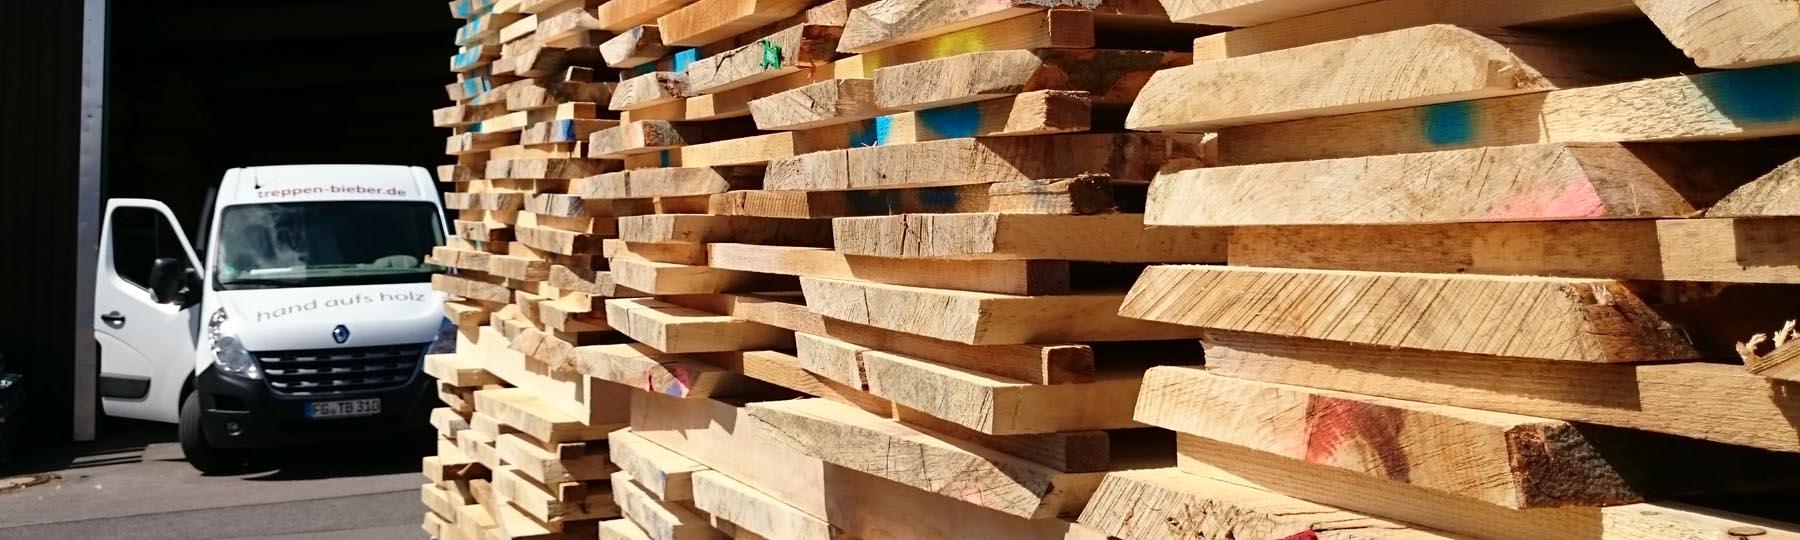 Tischlerei-Treppenbau Gunter Bieber beim einheimischen Holzhandel